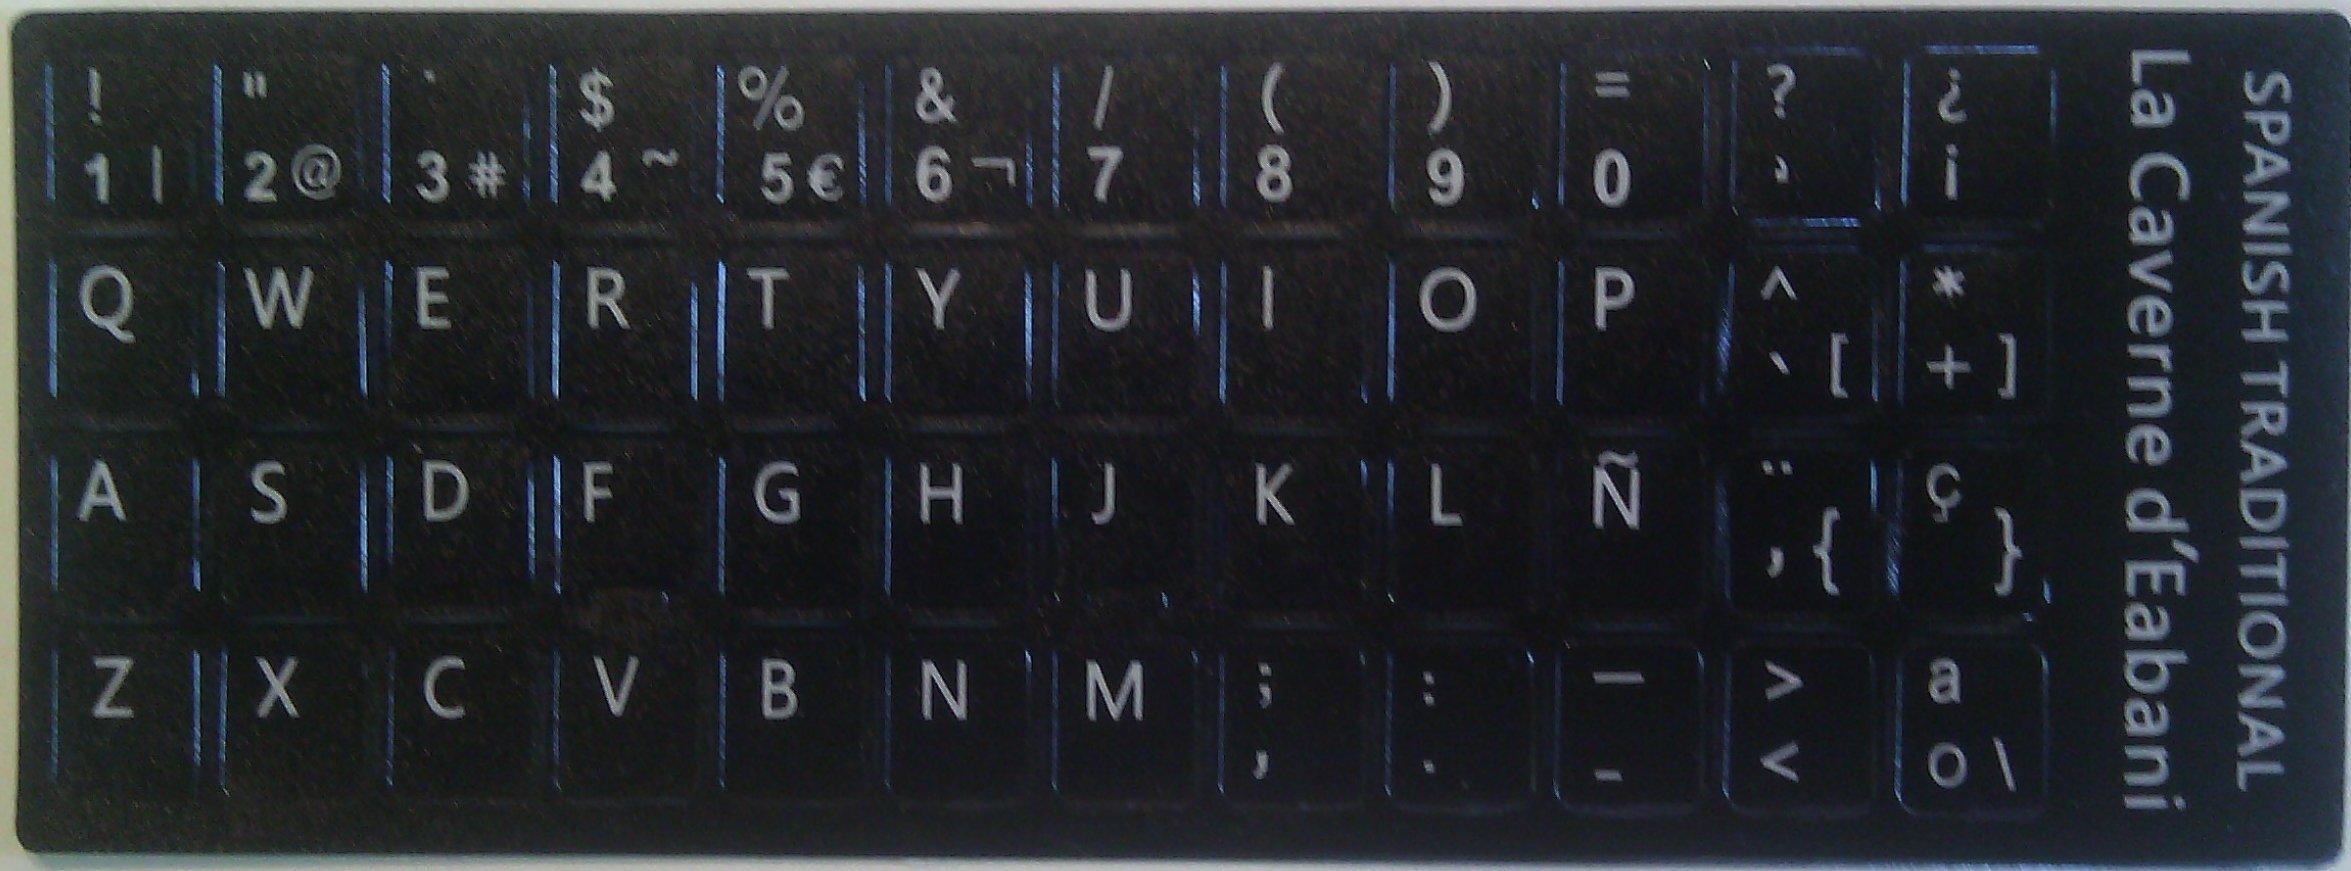 La Cabaña dEabani - Kit de 48 teclas adhesivas para teclado España: Amazon.es: Informática